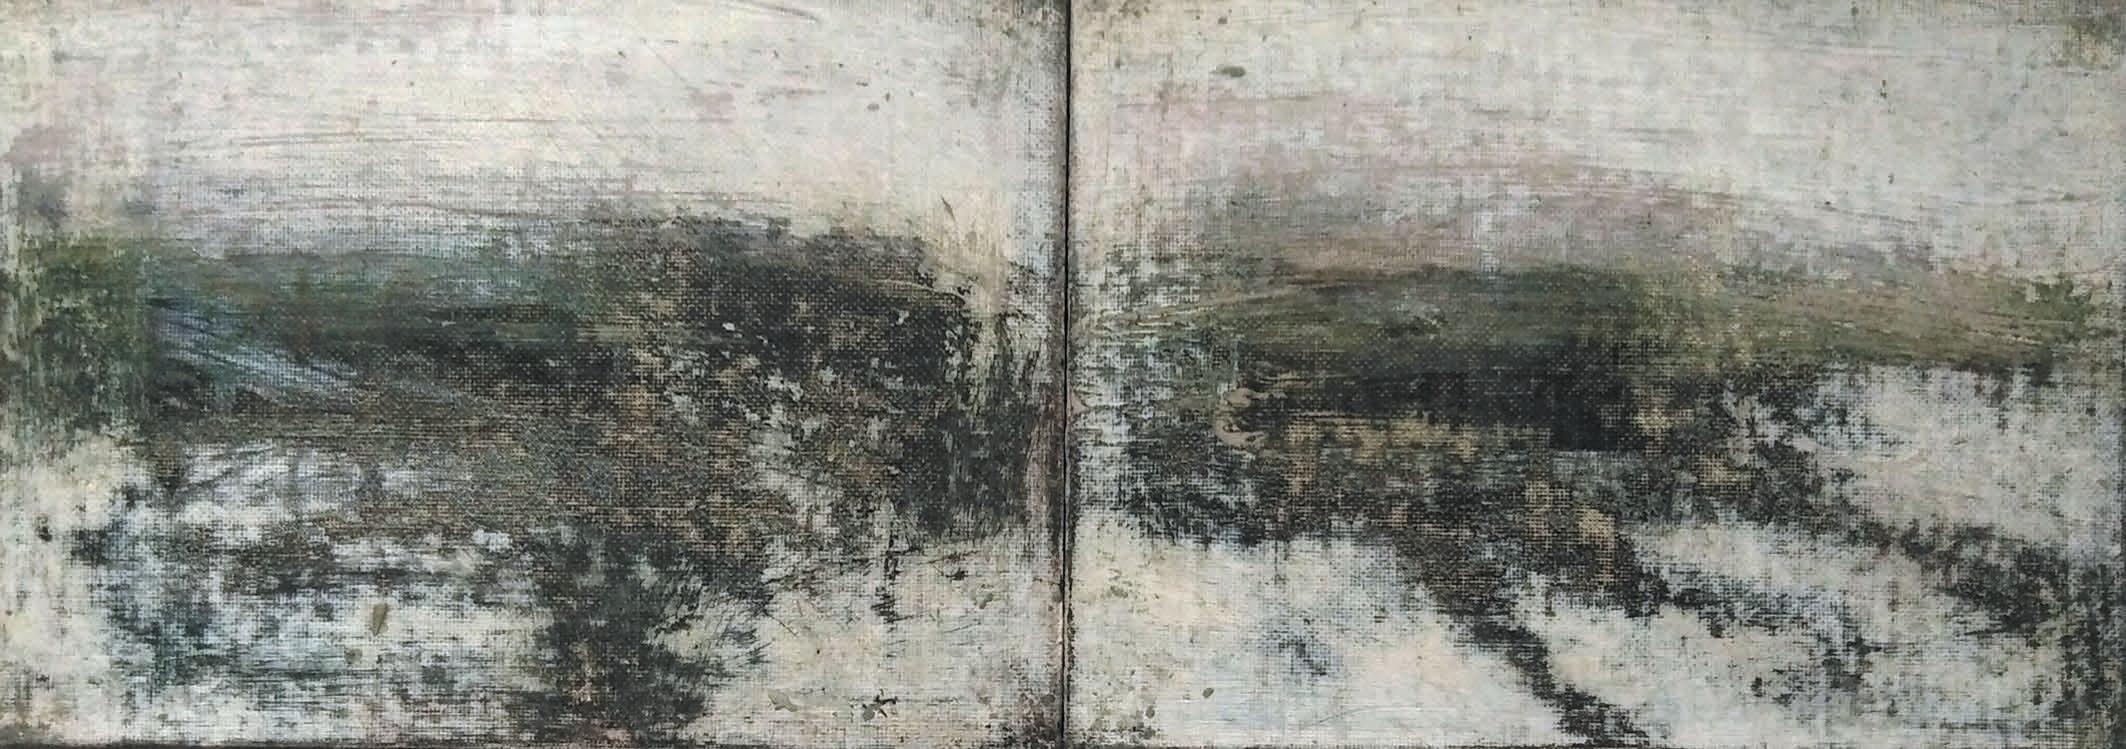 Massimo Romani, Landscape (2)- 2019 - olio su cartone telato - 13 x 36 cm